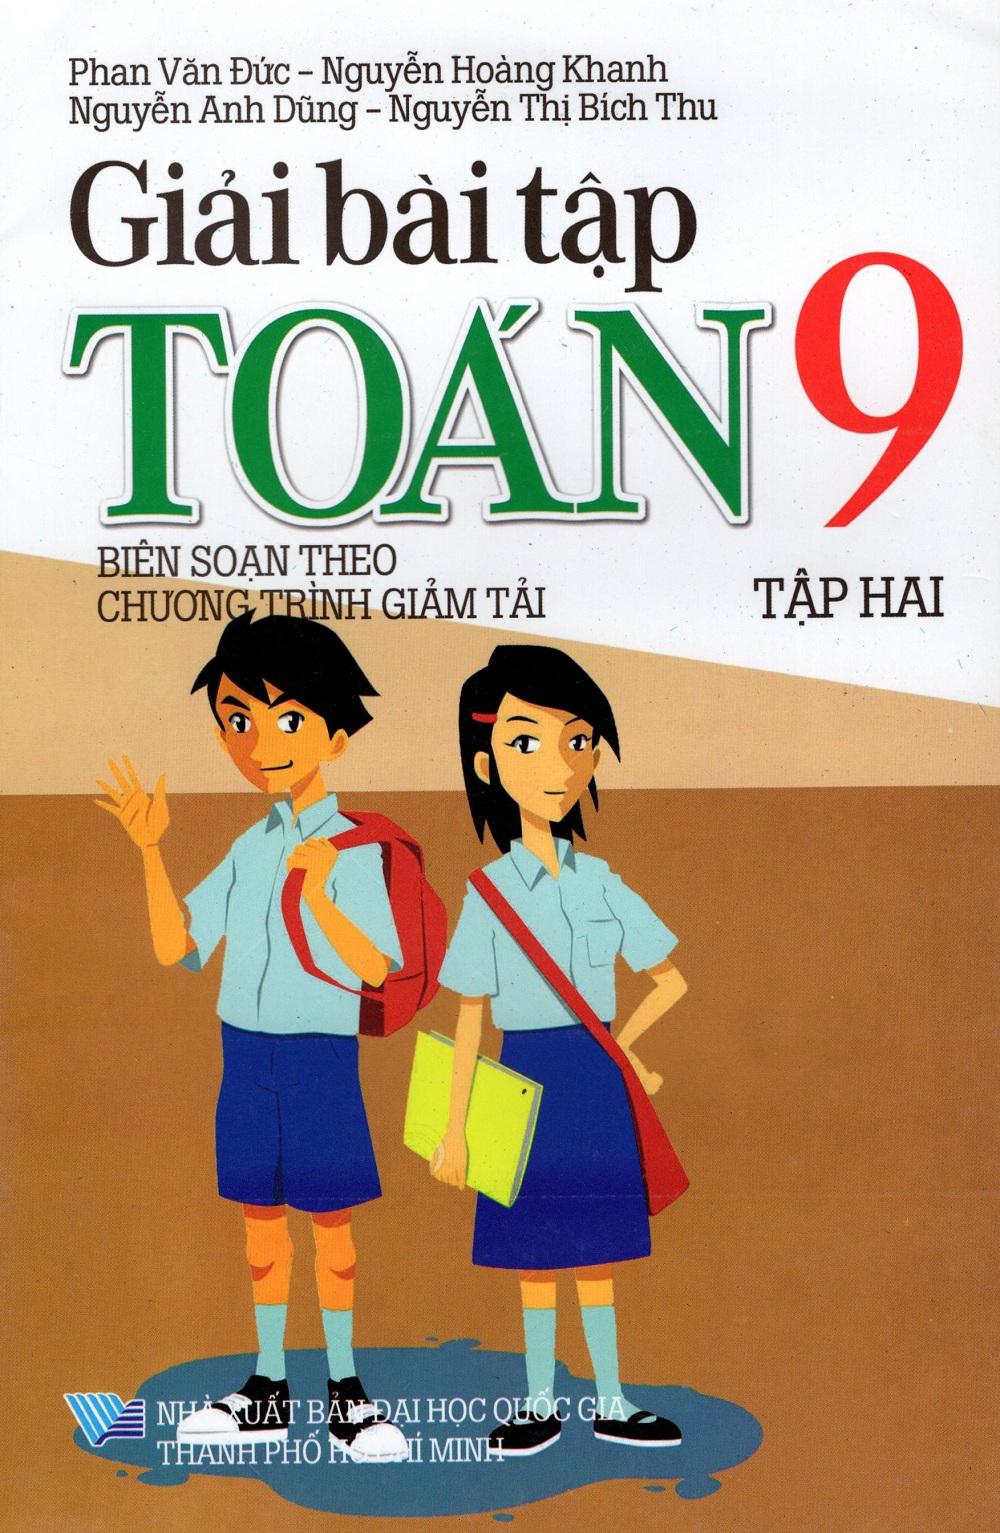 Bìa sách Giải Bài Tập Toán Lớp 9 (Tập Hai)